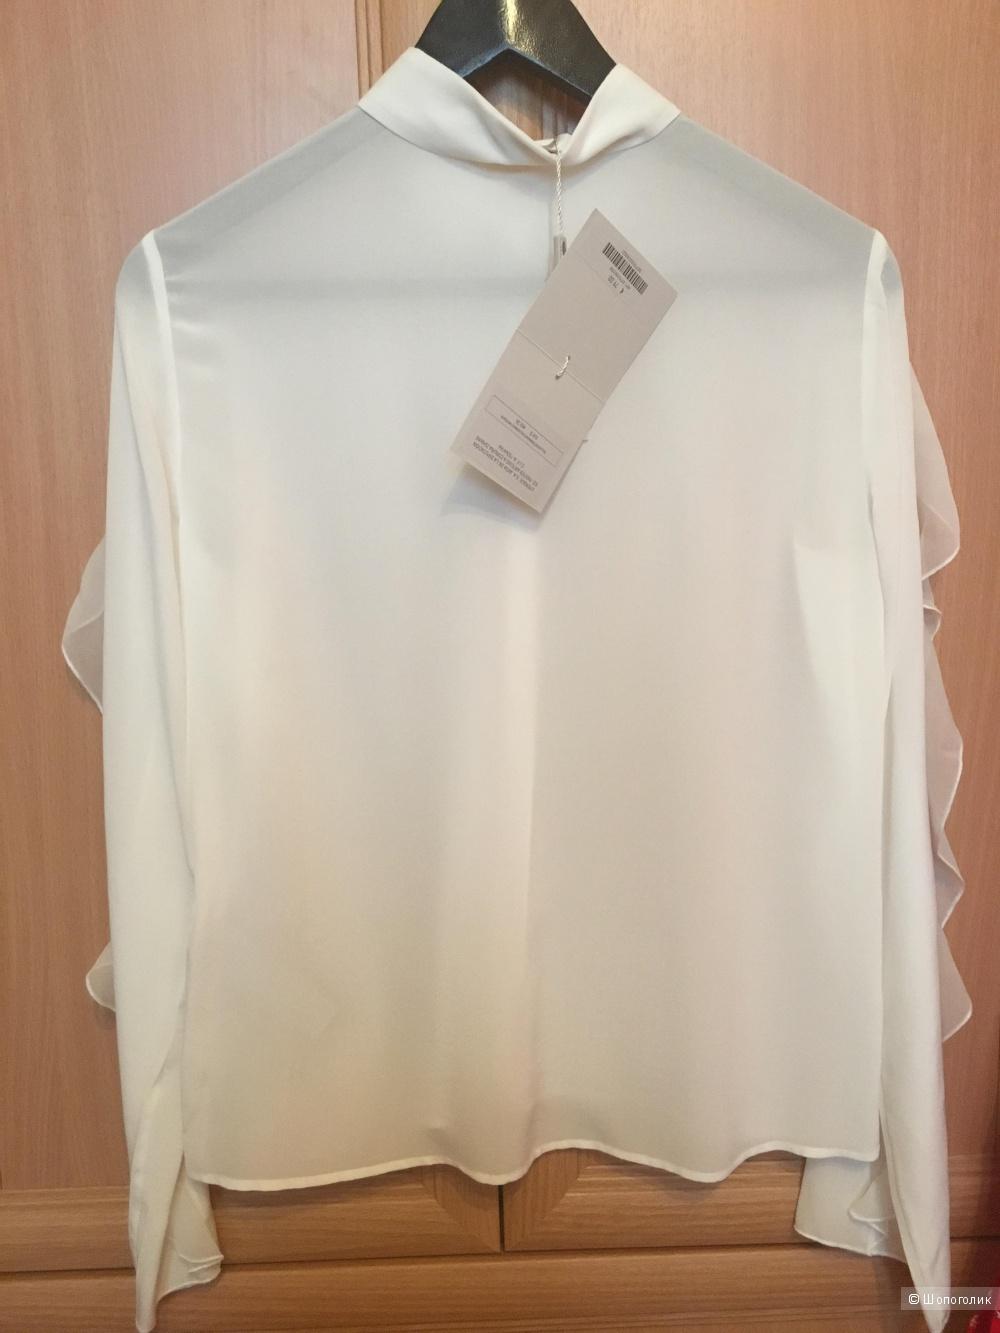 Шелковая рубашка Uterque, размер S